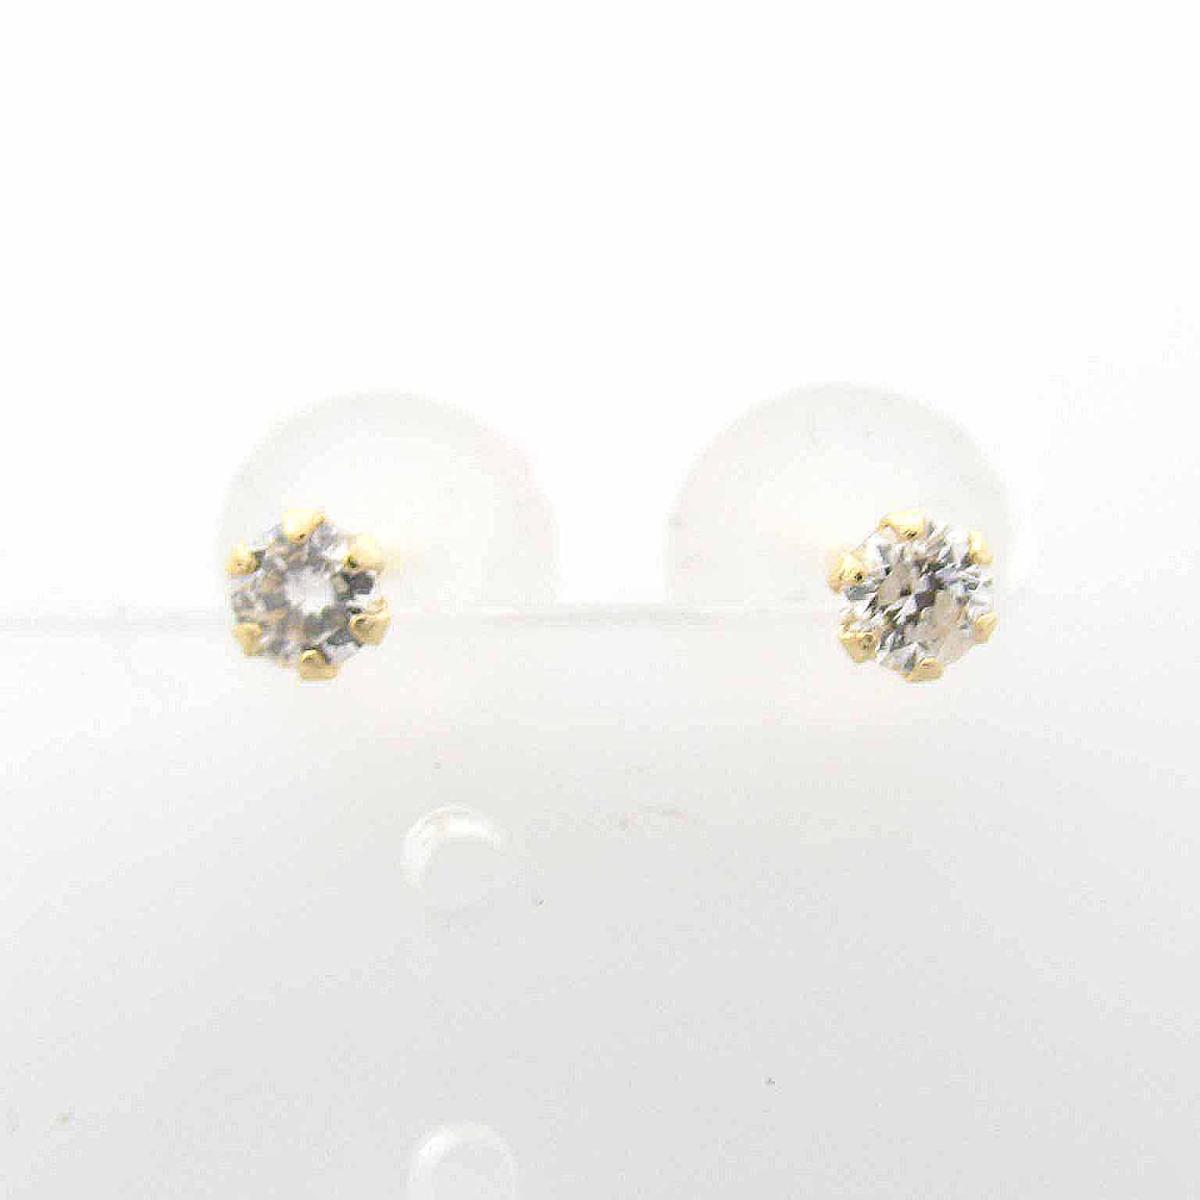 【中古】 ジュエリー ダイヤモンド ピアス レディース 18Kイエローゴールド x ダイヤモンド0.10ct | JEWELRY BRANDOFF ブランドオフ ブランド アクセサリー